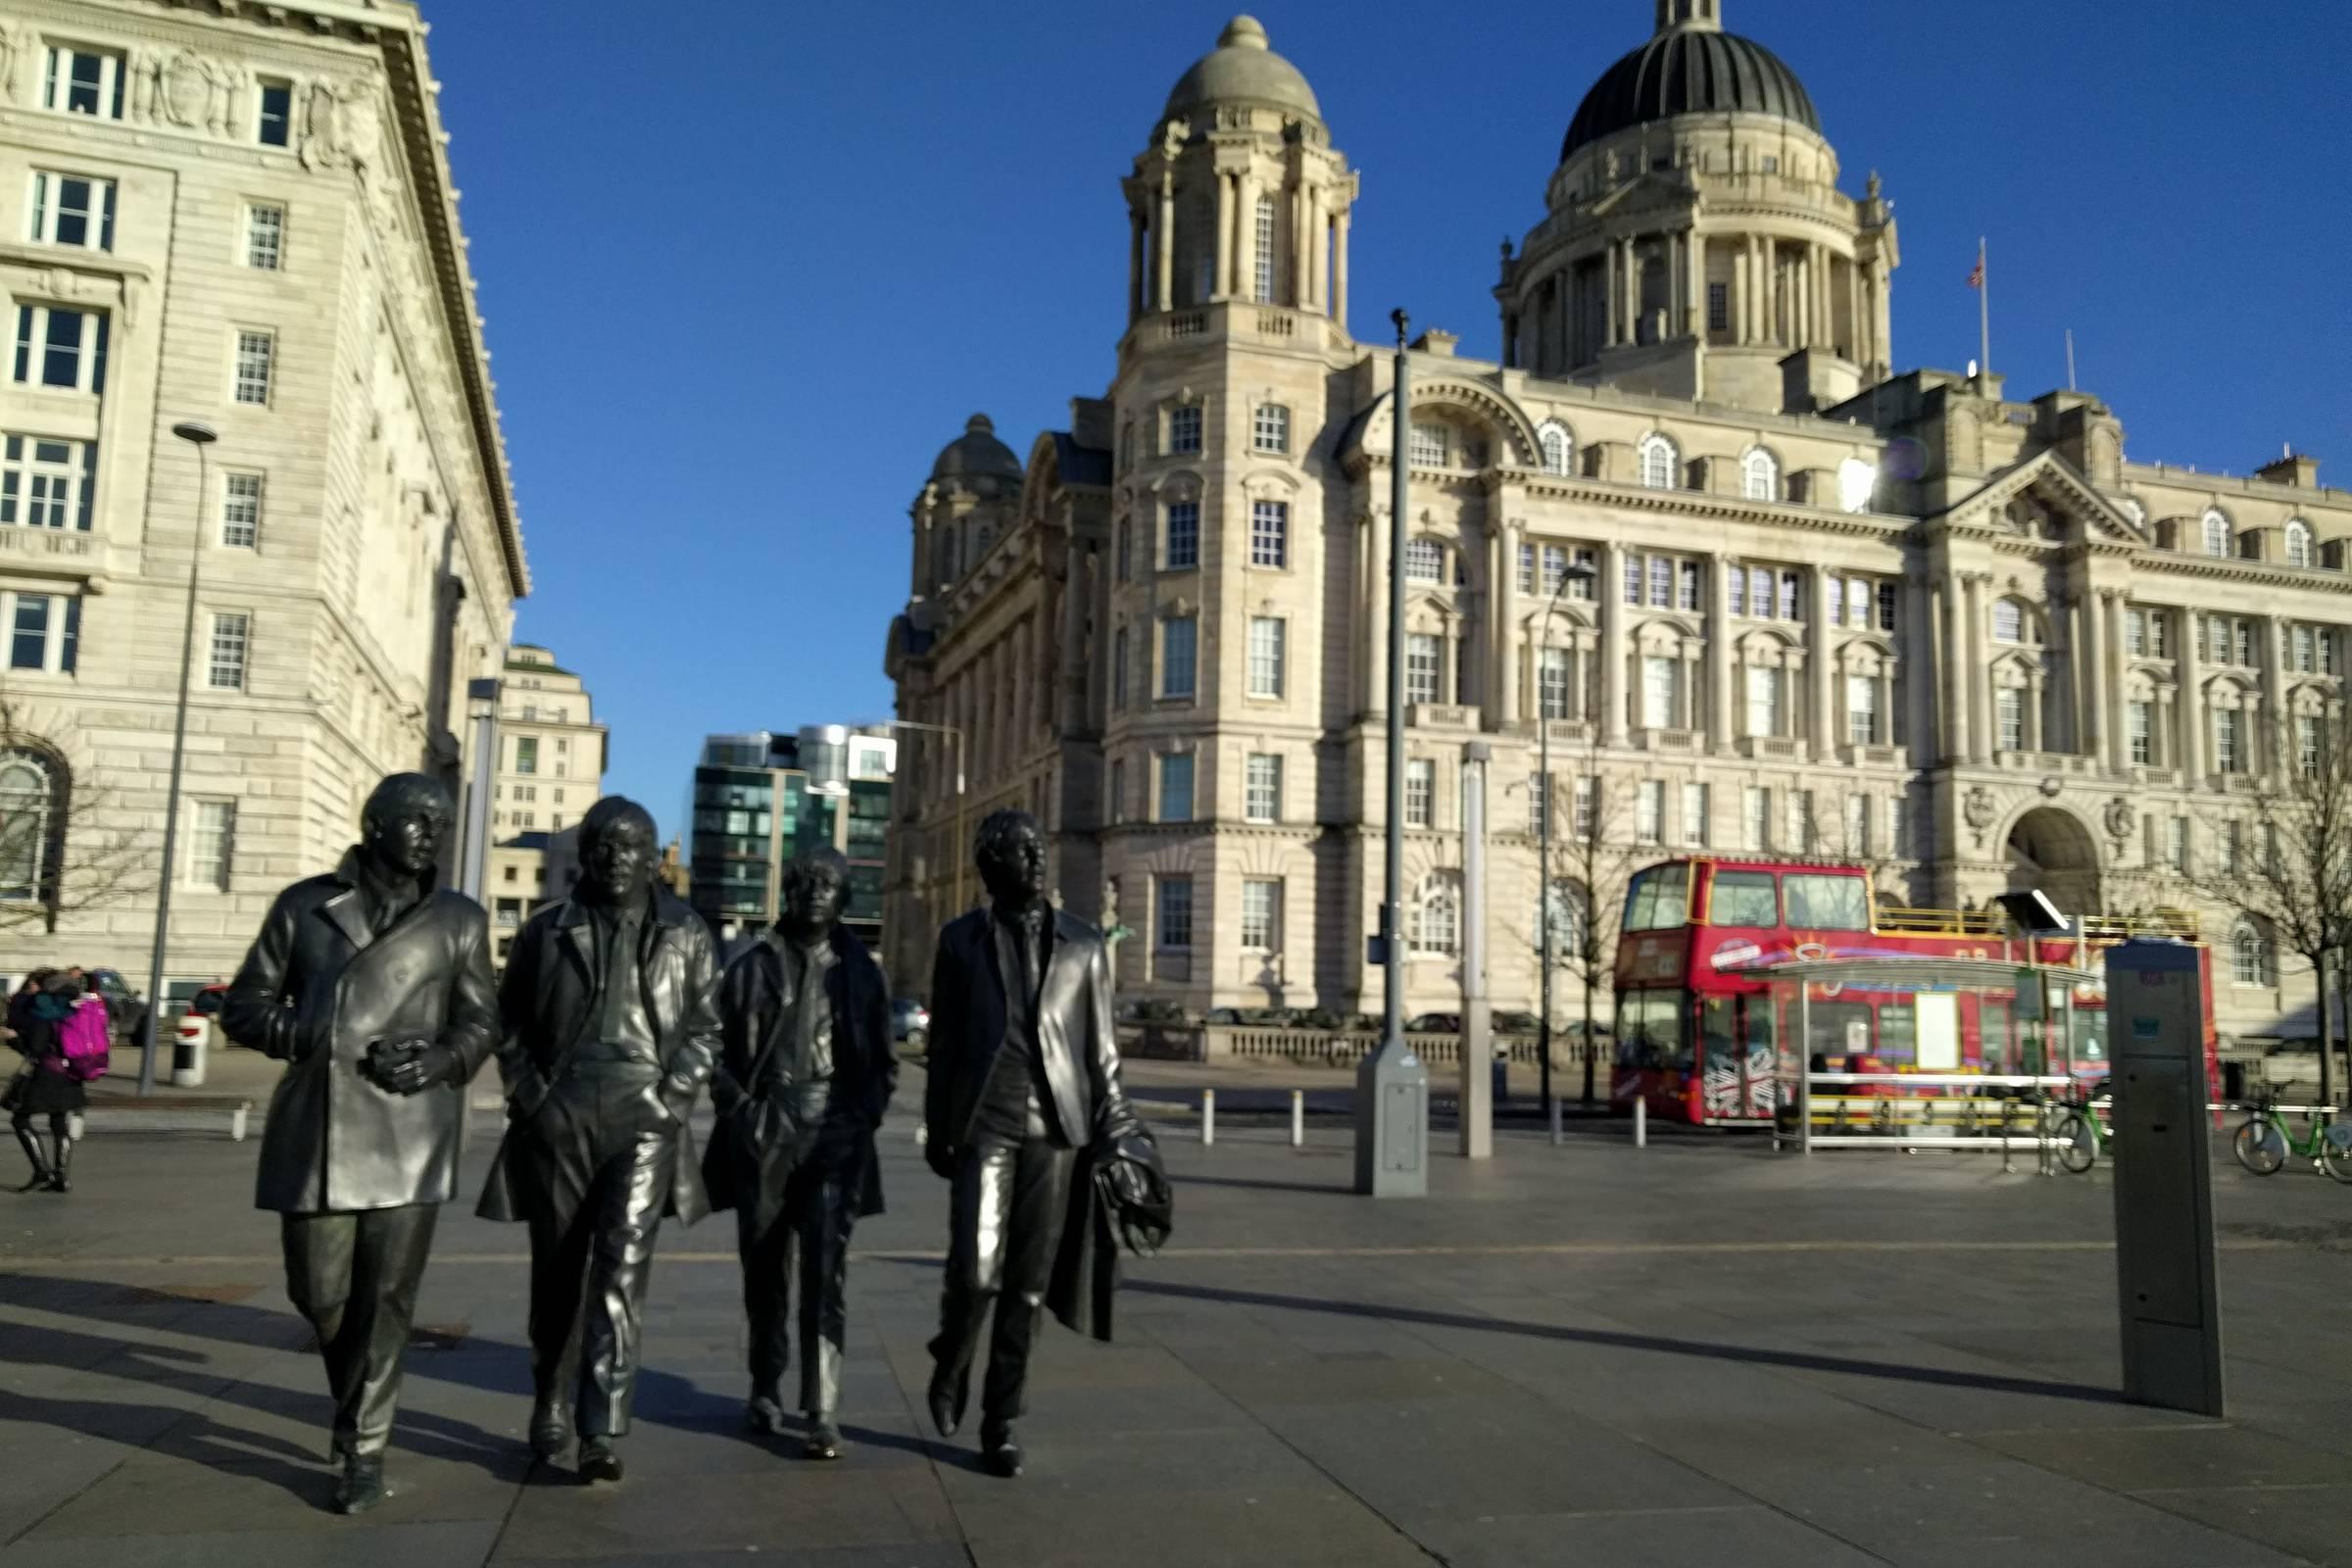 Bairro Boemio Rivaliza Com O Legado Dos Beatles Em Liverpool 07 11 2018 Turismo Folha